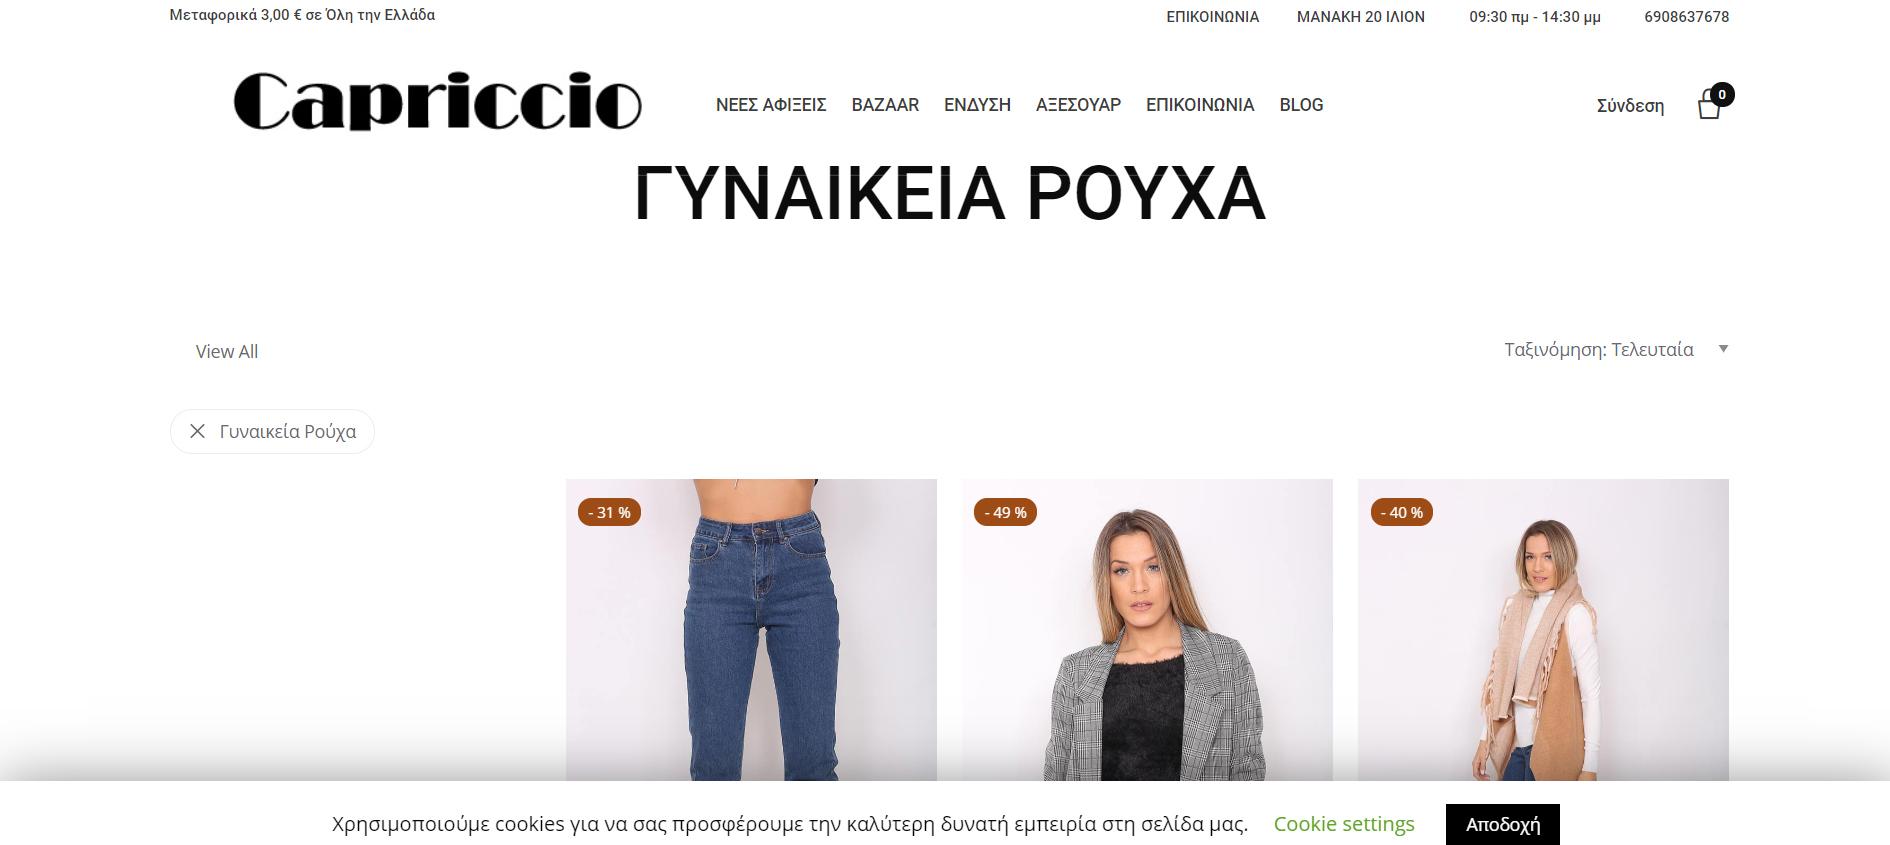 Γυναικεία ρούχα Capriccio